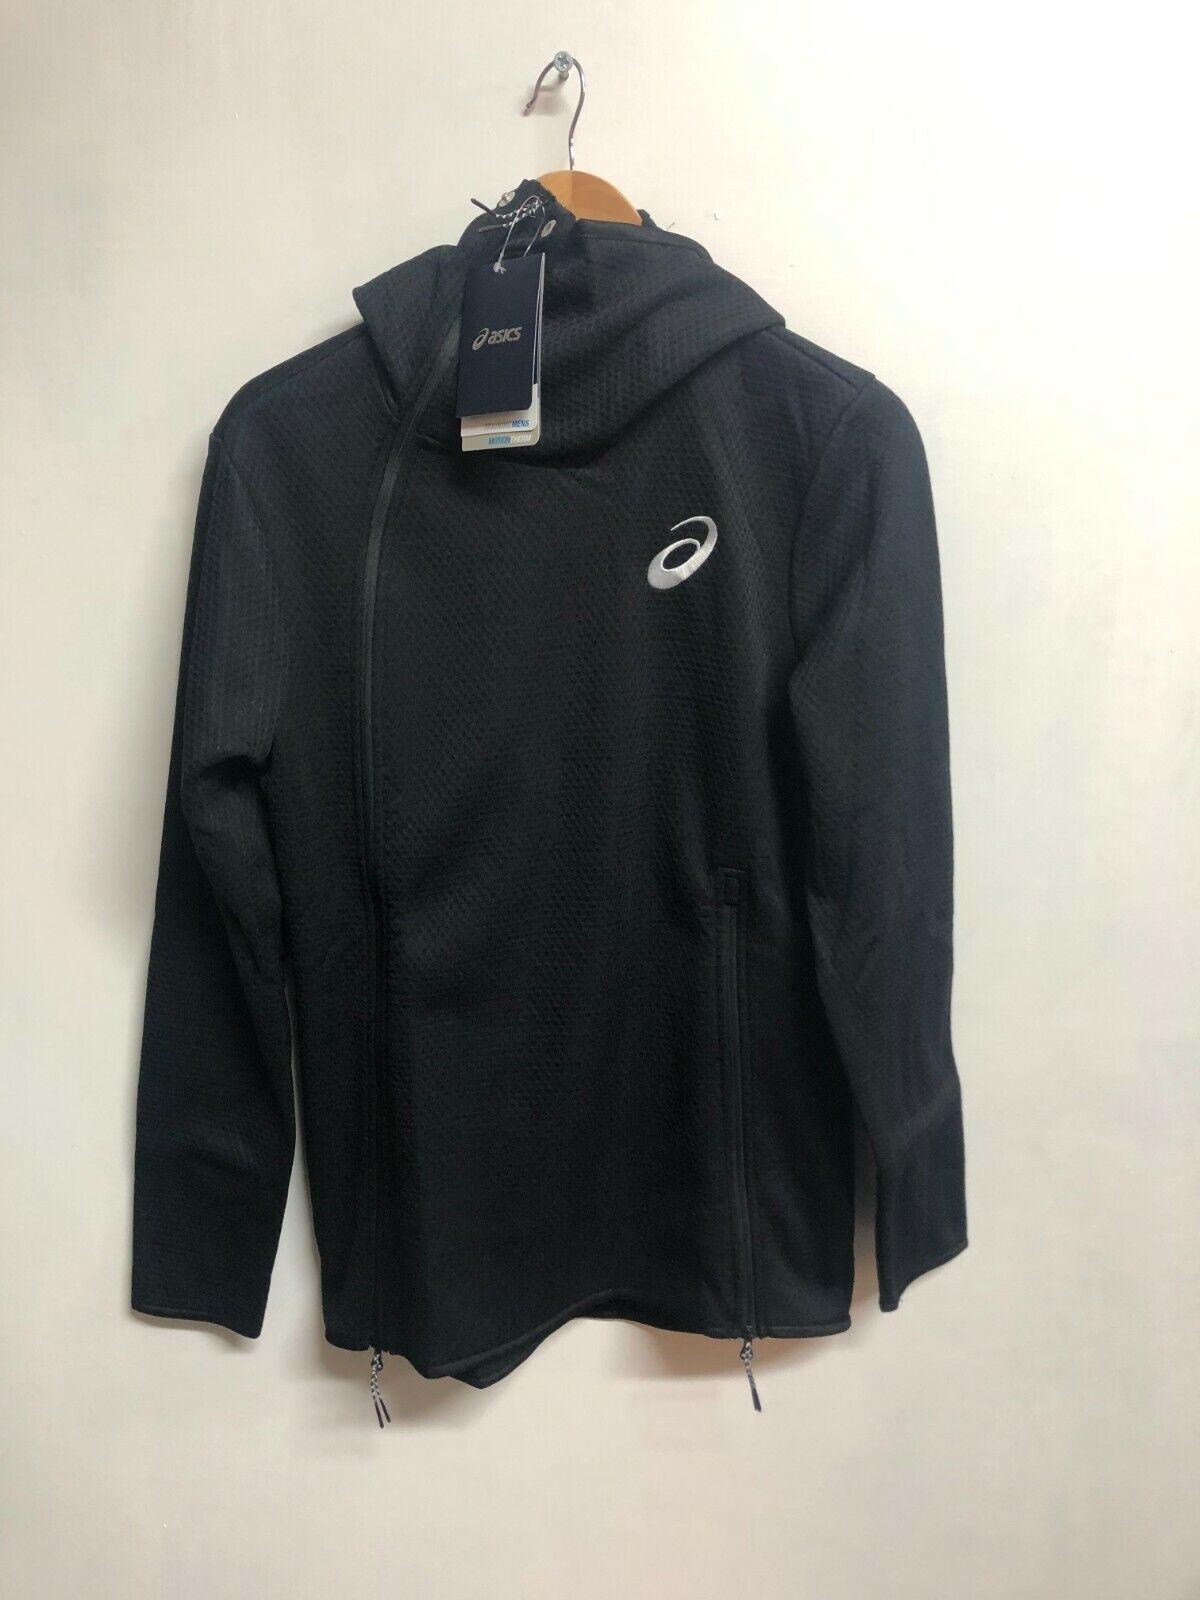 Asics Men's Tech Jacket Motion Therm Full Zip Jacket - Black - New